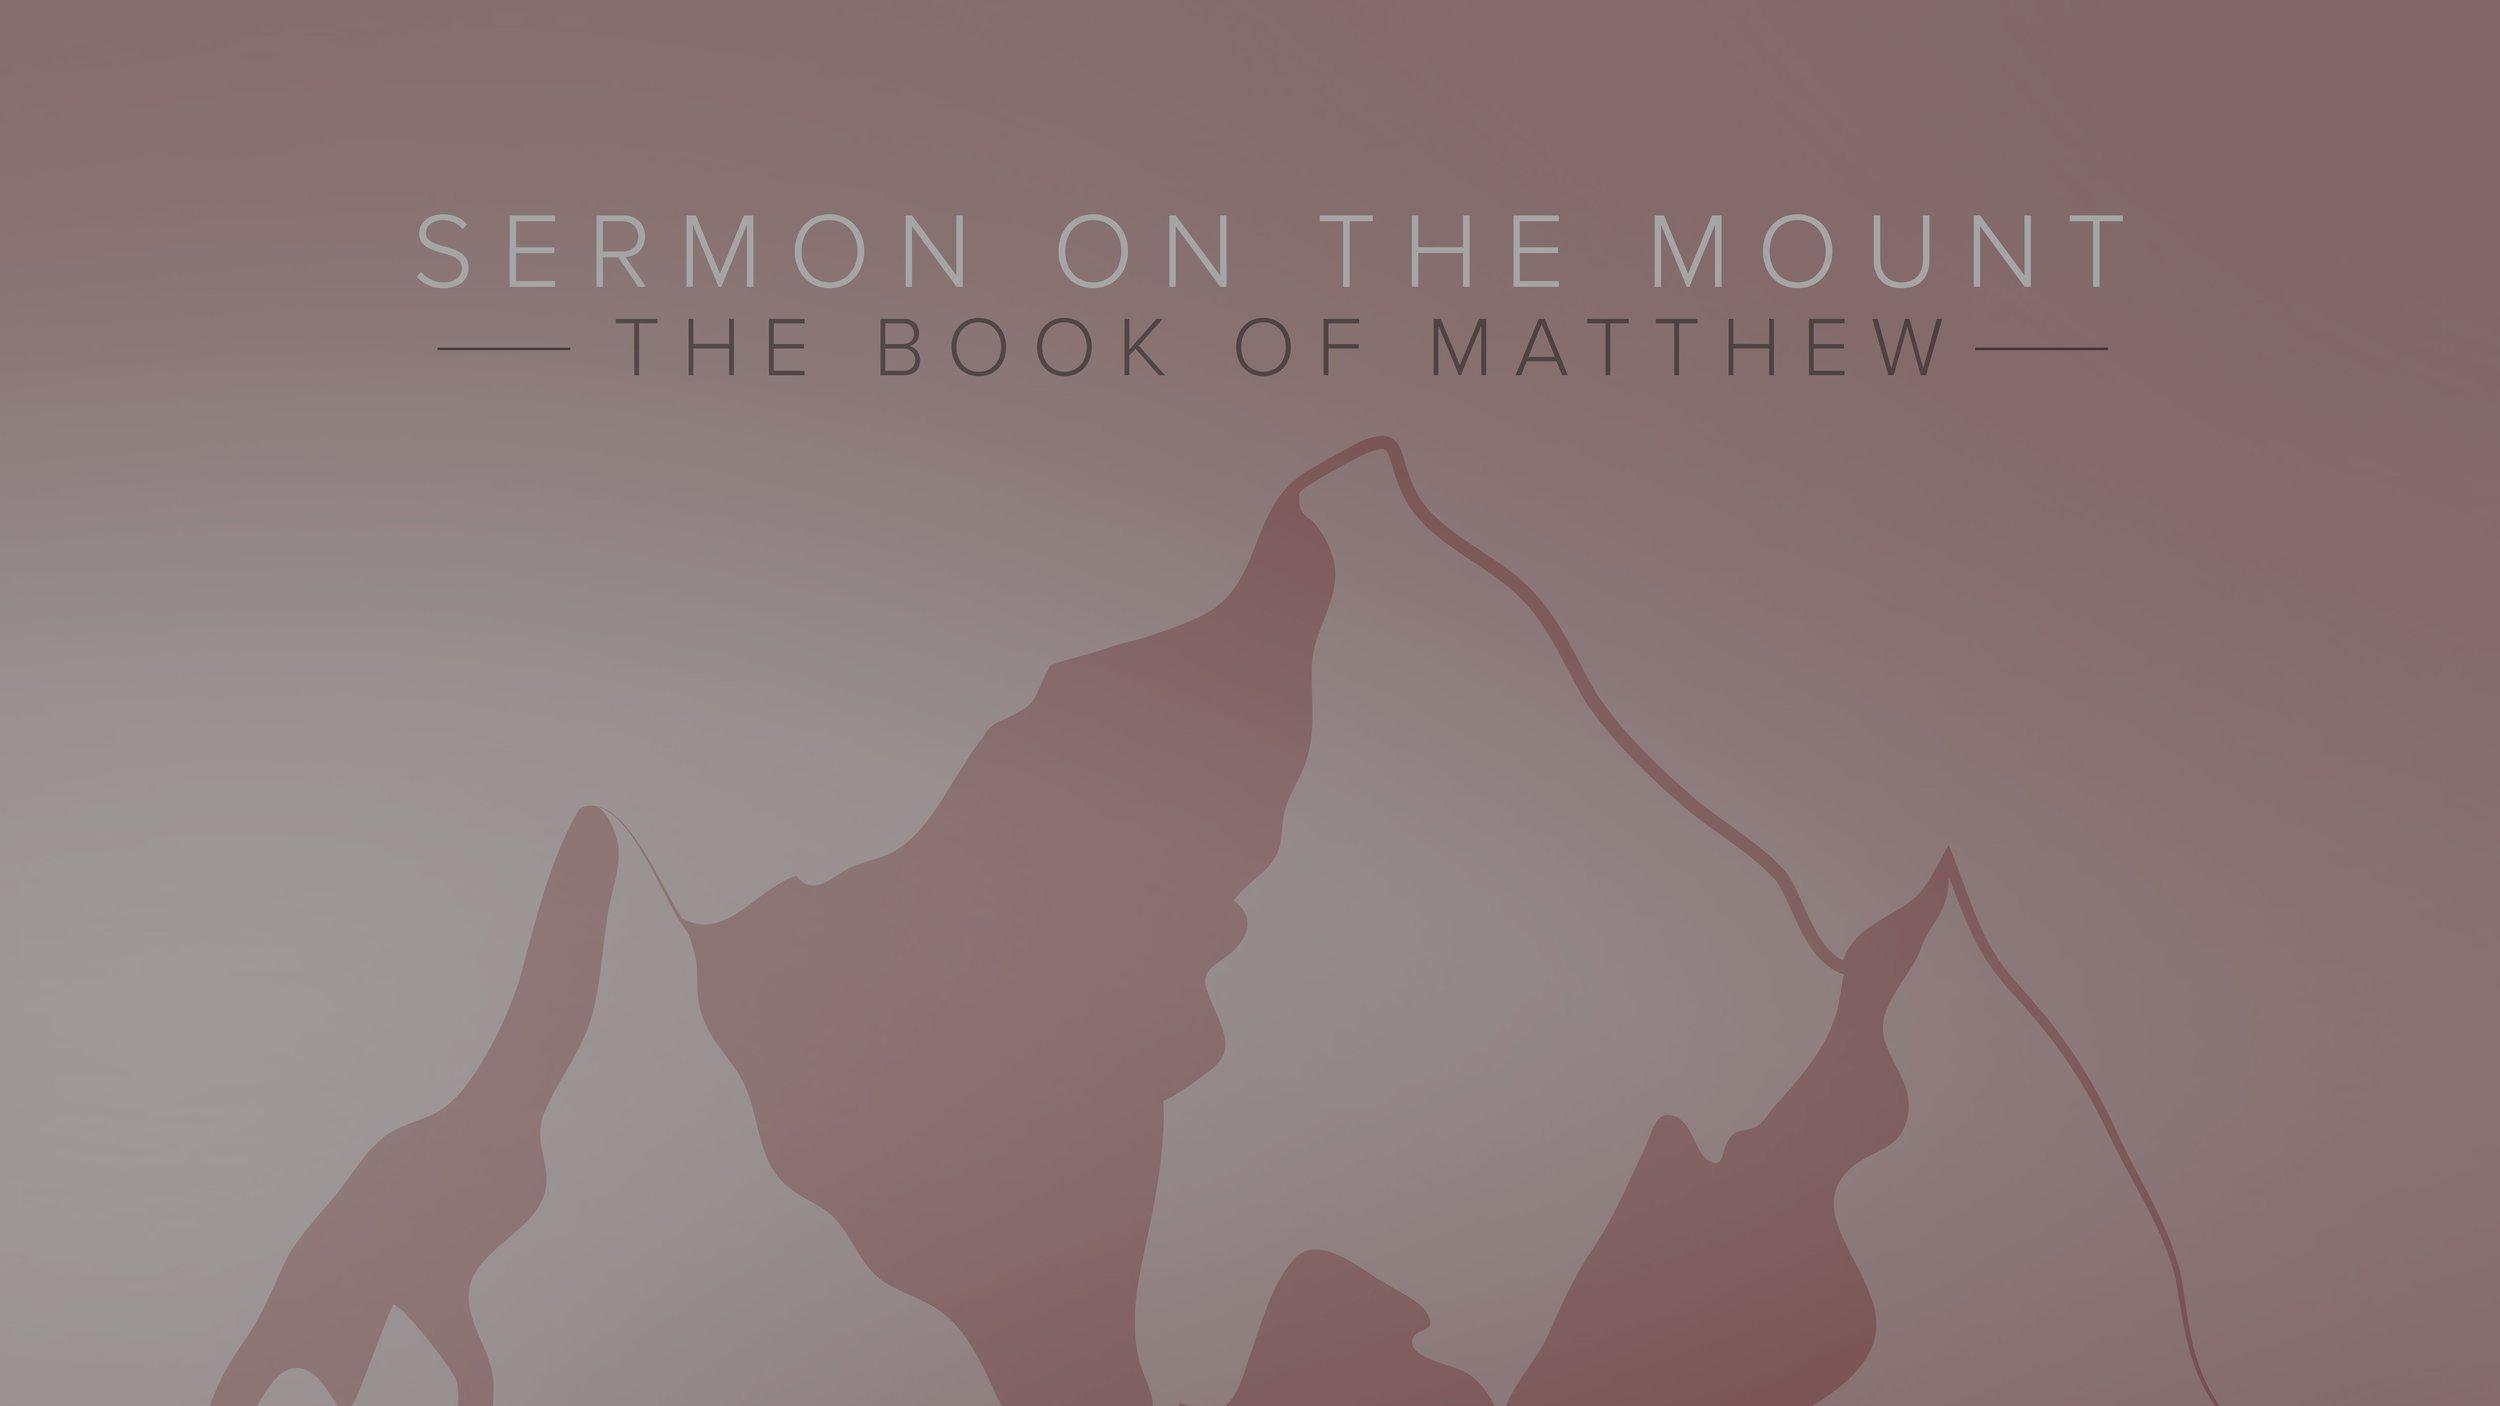 Redeemer Round Rock - Sermon on the Mount Series Banner - 1920x1080.jpg